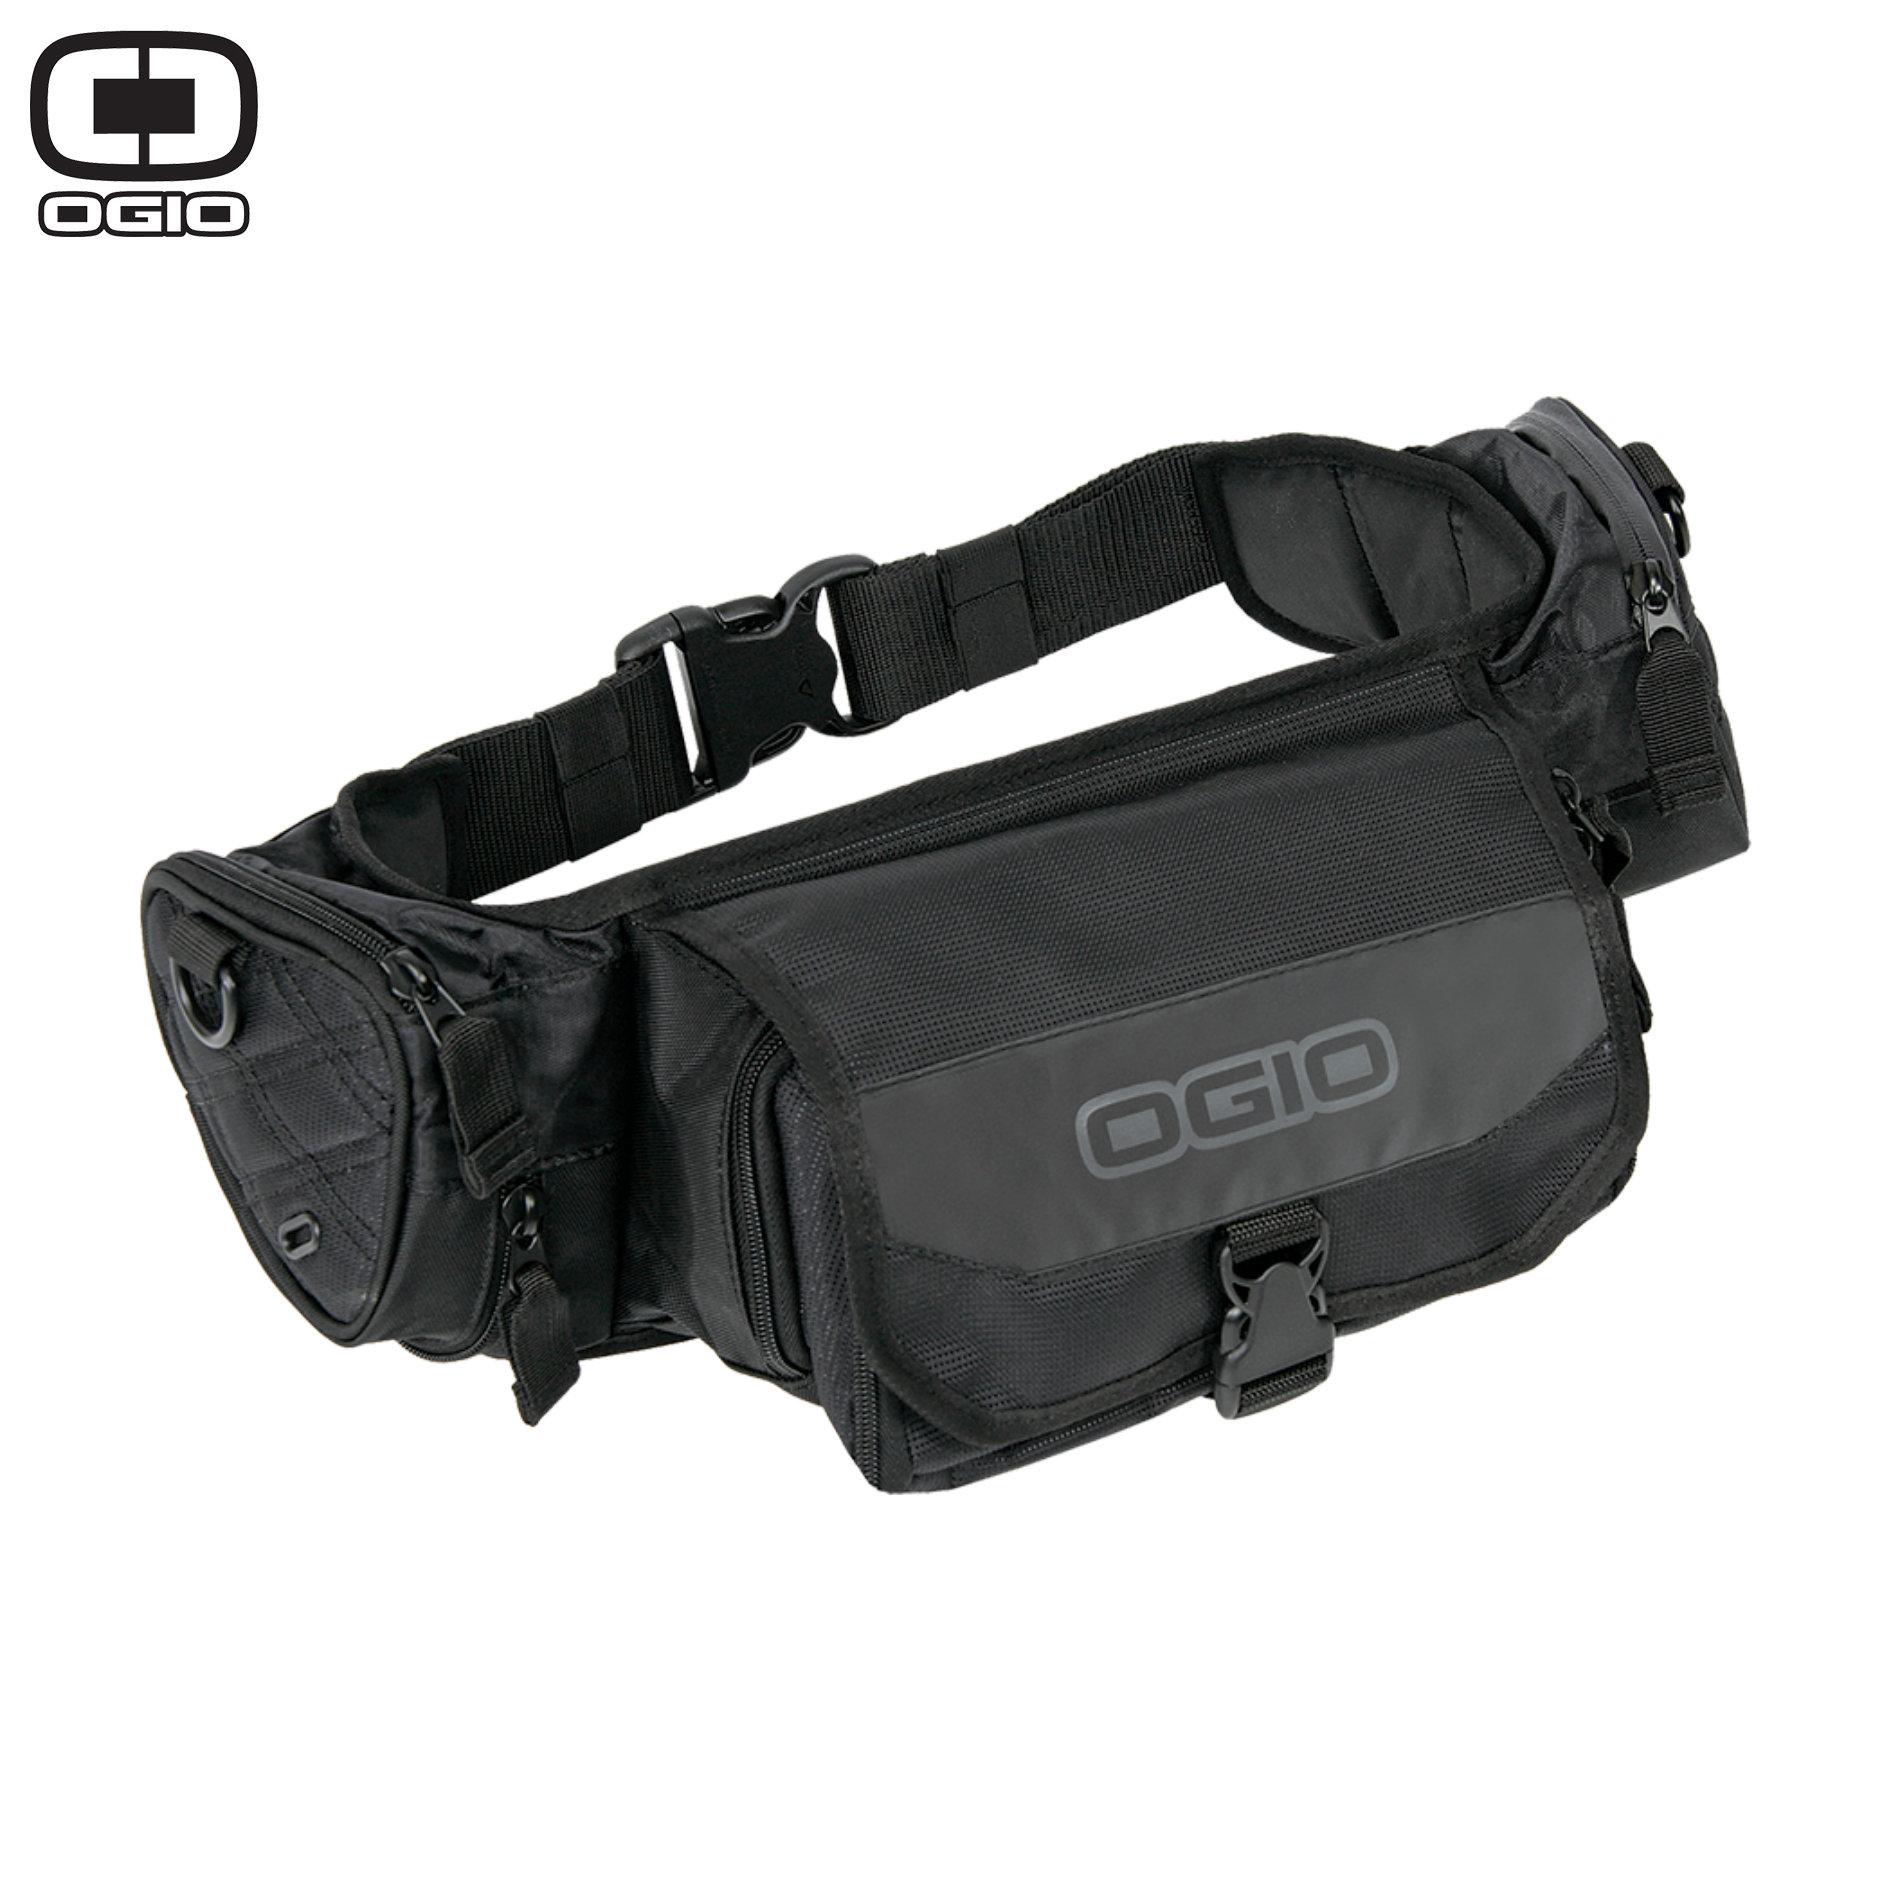 צעיר OGIO MX 450 TOOL PACK - פאוץ' ציוד בצבע שחור LA-17